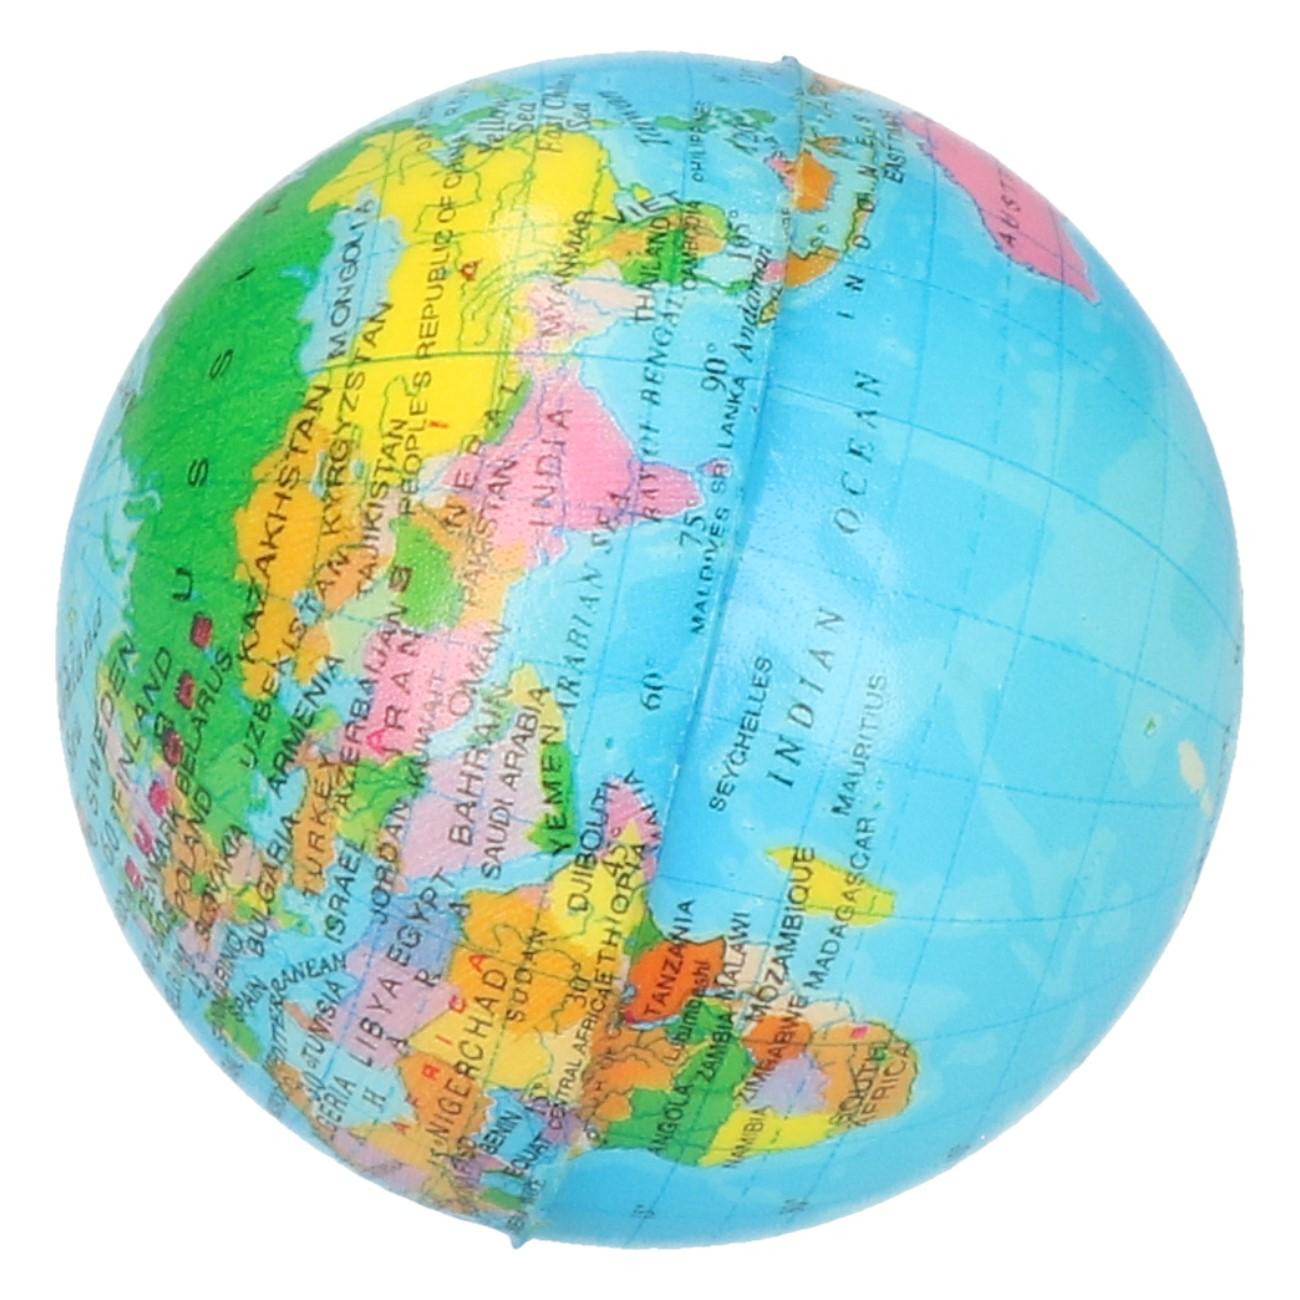 Stress bal globe